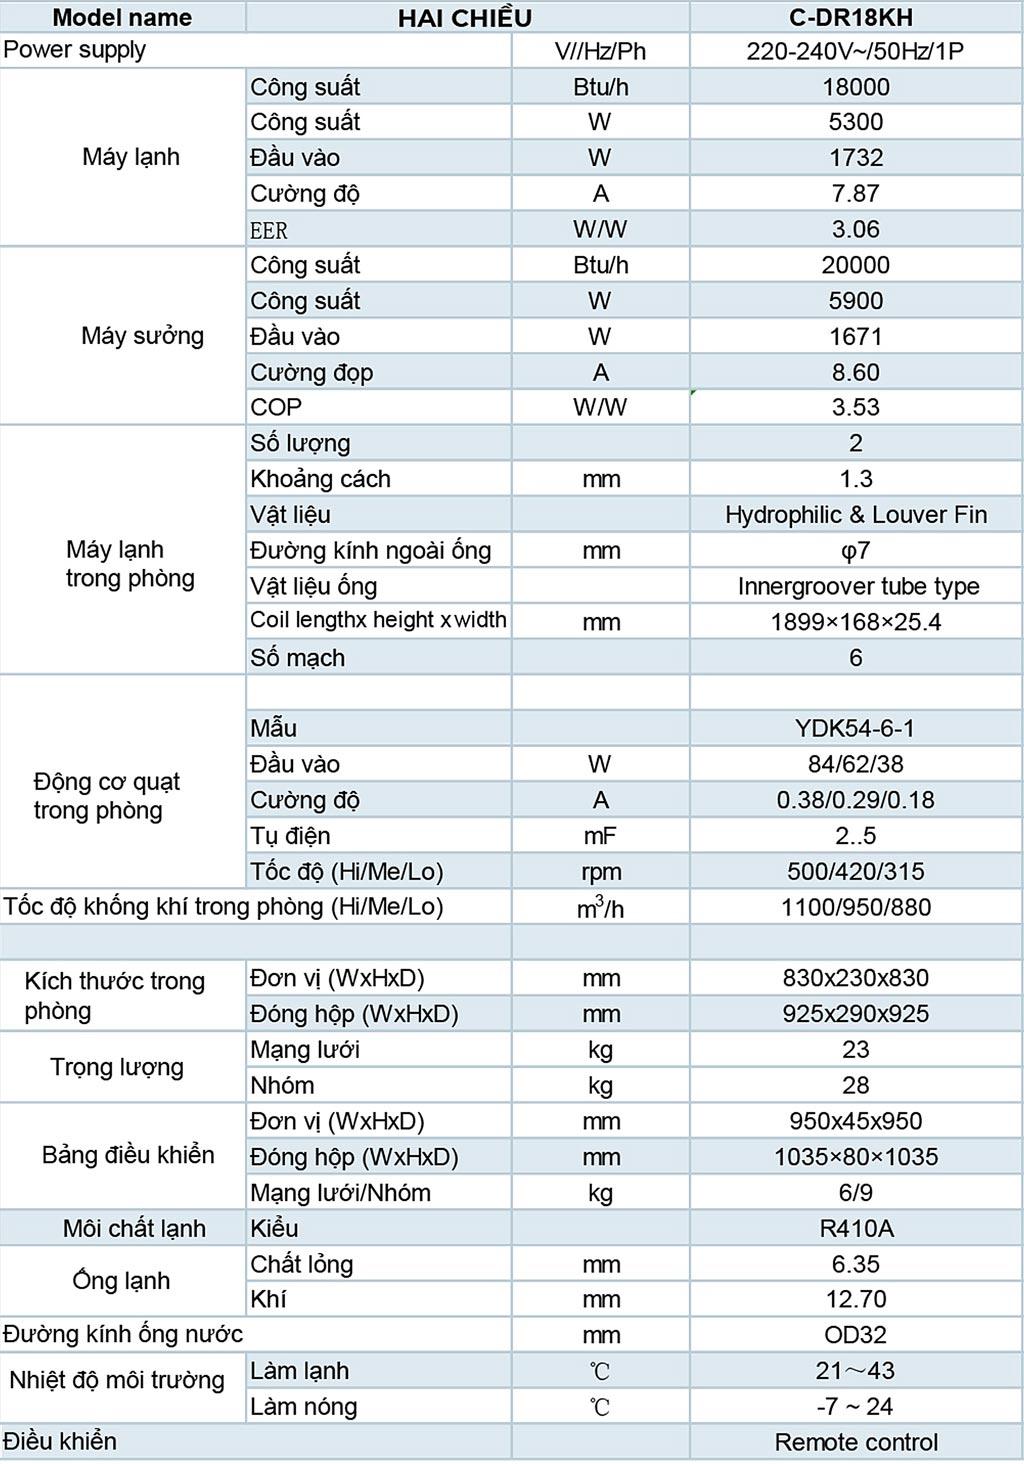 thong-so-may-lanh-am-tran-2-chieu-dairry-2-0hp-c-dr18kh